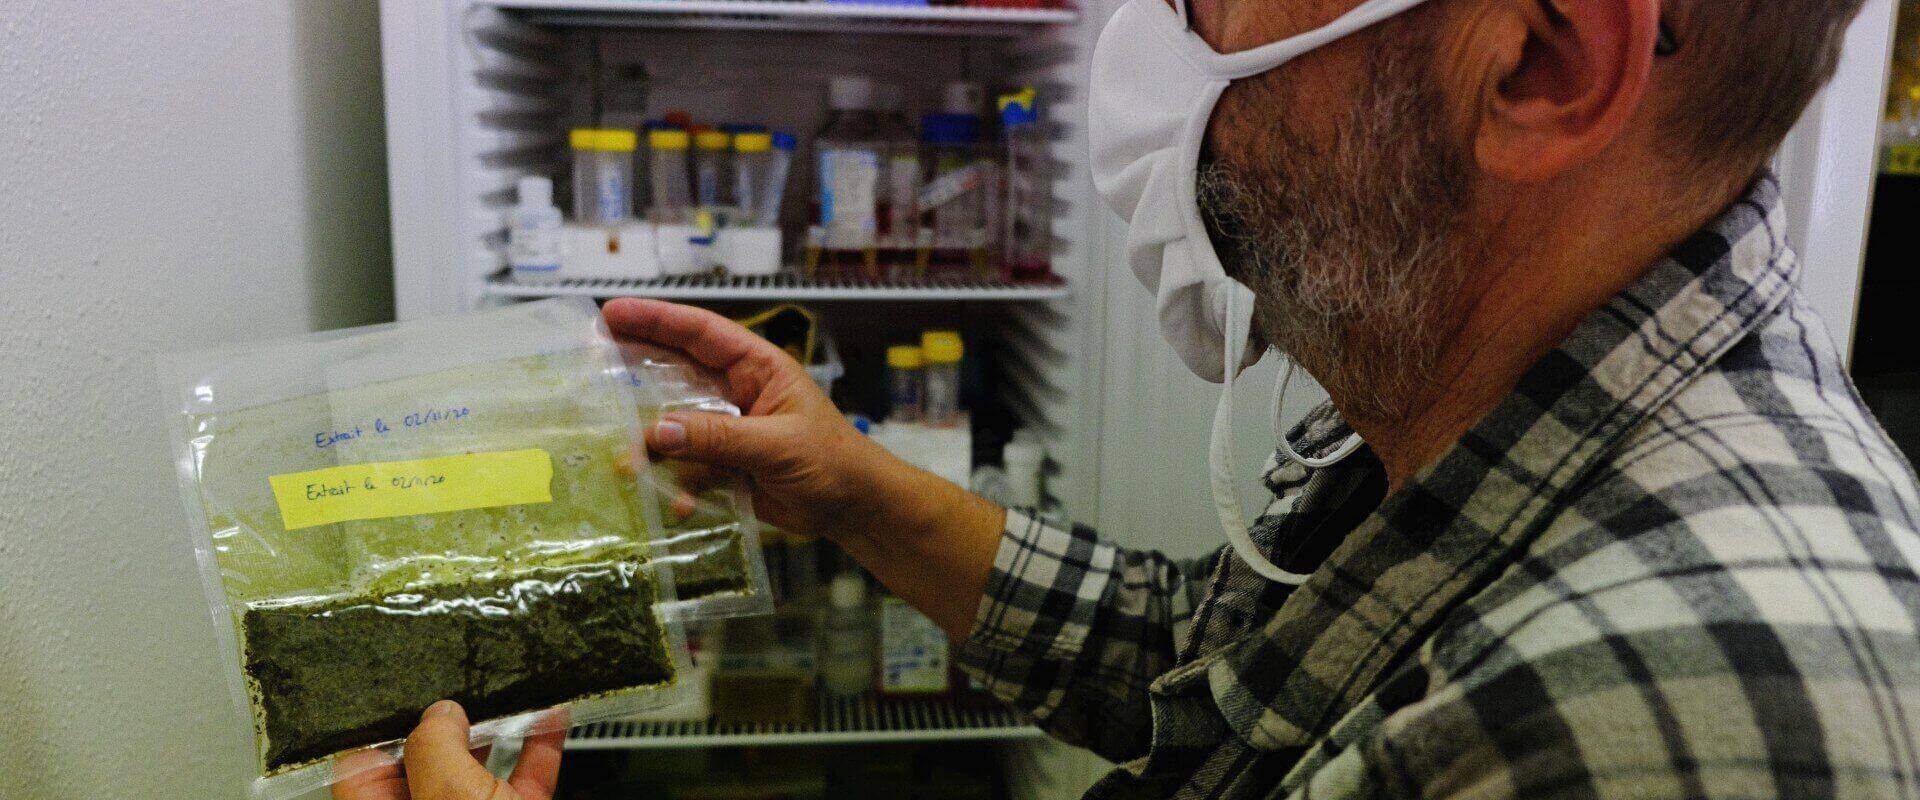 Avant-gardiste et réprimée: la filière alsacienne pour la légalisation du cannabis thérapeutique